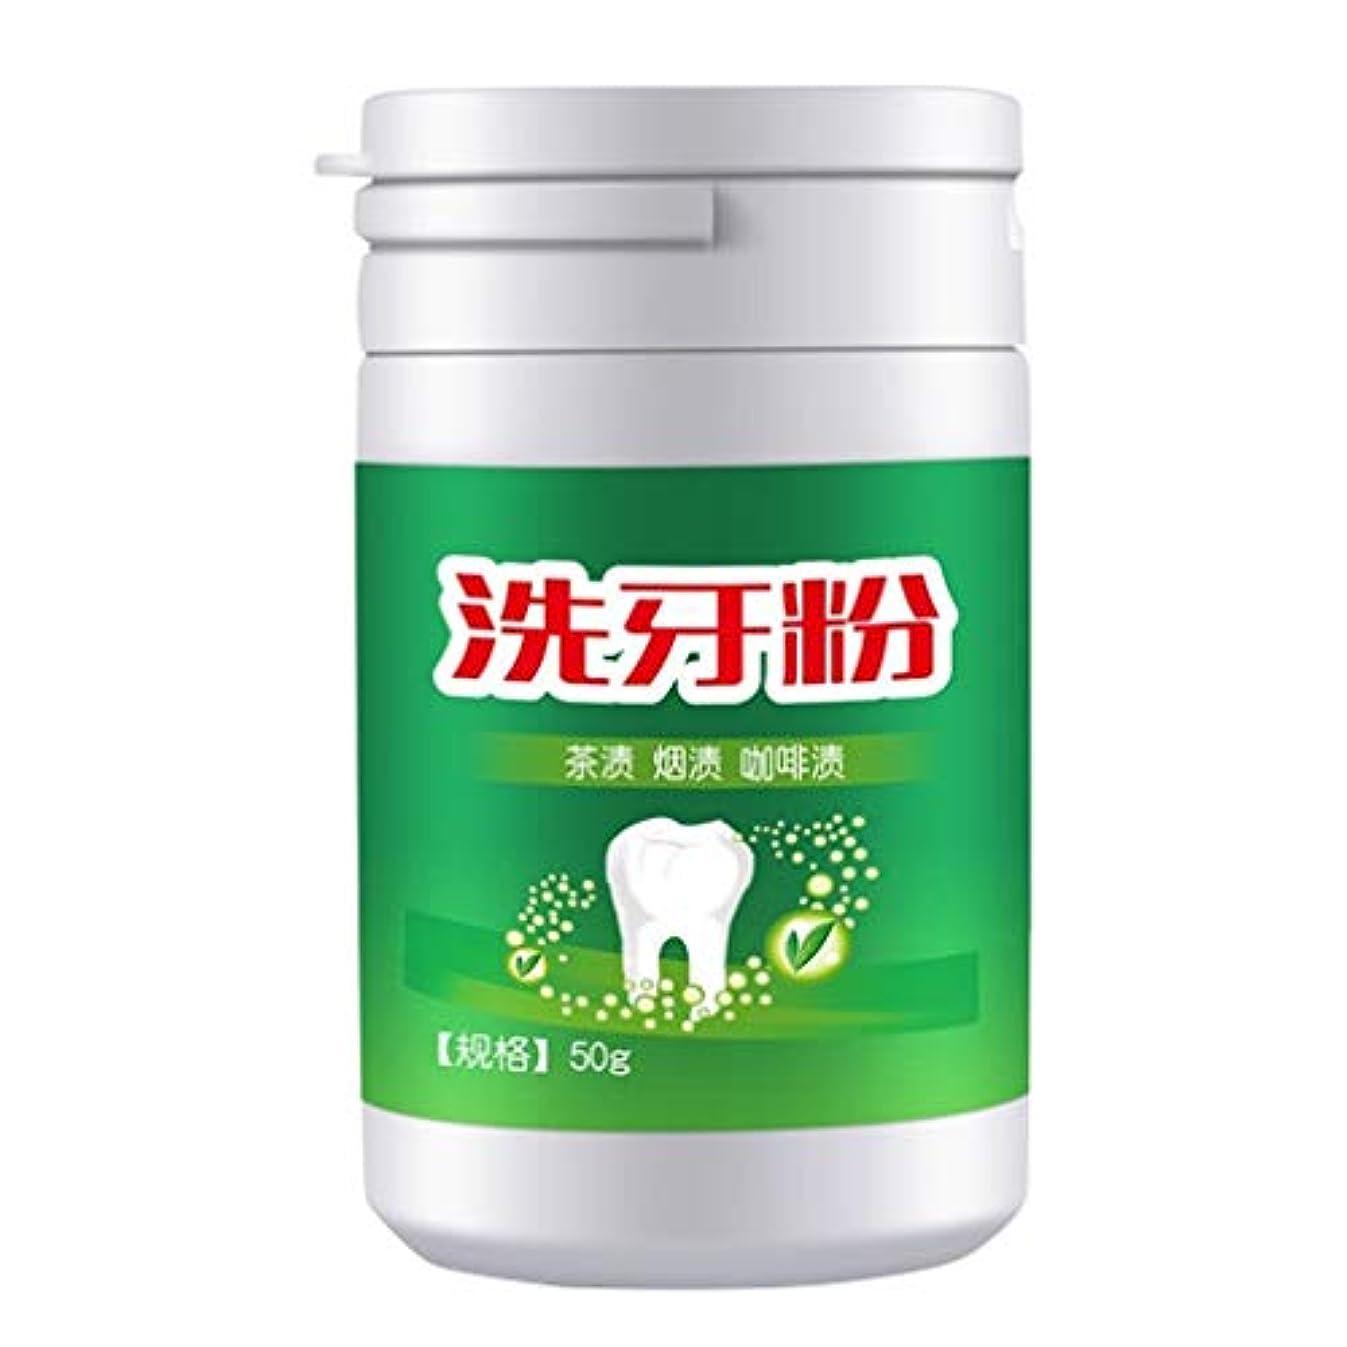 レンディション居心地の良い毎日KOROWA 歯磨き粉 ステイン リムーバー 口腔衛生 ヘルス ケア ツール 喫煙を使用し 毎日イエロー ホワイトニング パウダープラーク